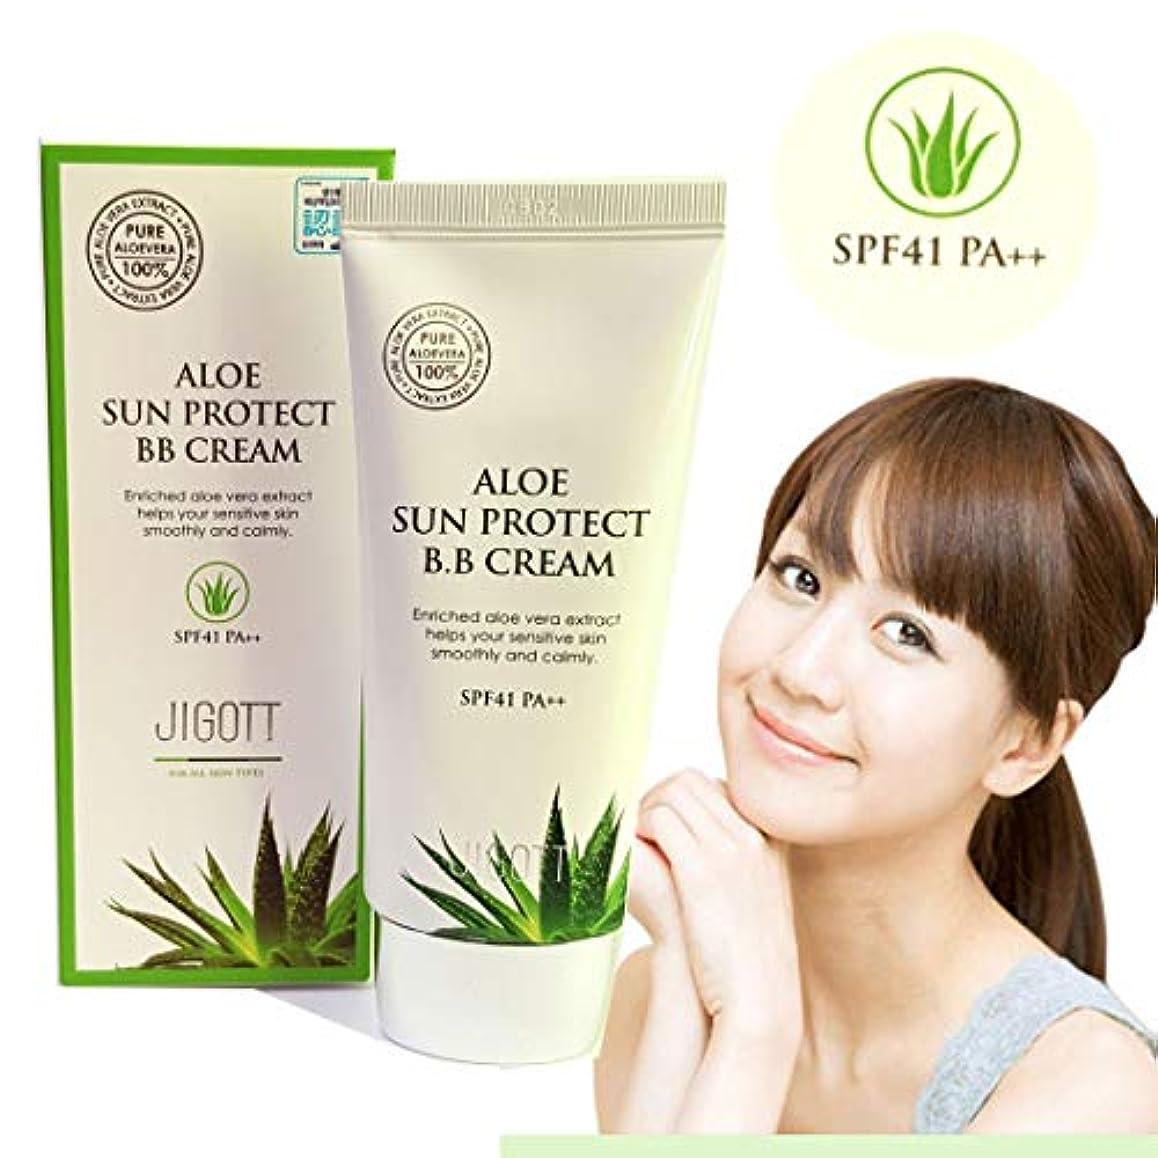 プロット千ボイド[JIGOTT] アロエサンプロテクトBBクリーム50ml / Aloe Sun Protect BB Cream 50ml / SPF41 PA ++ /アロエベラエキス/水分&栄養/Aloe vera extract...